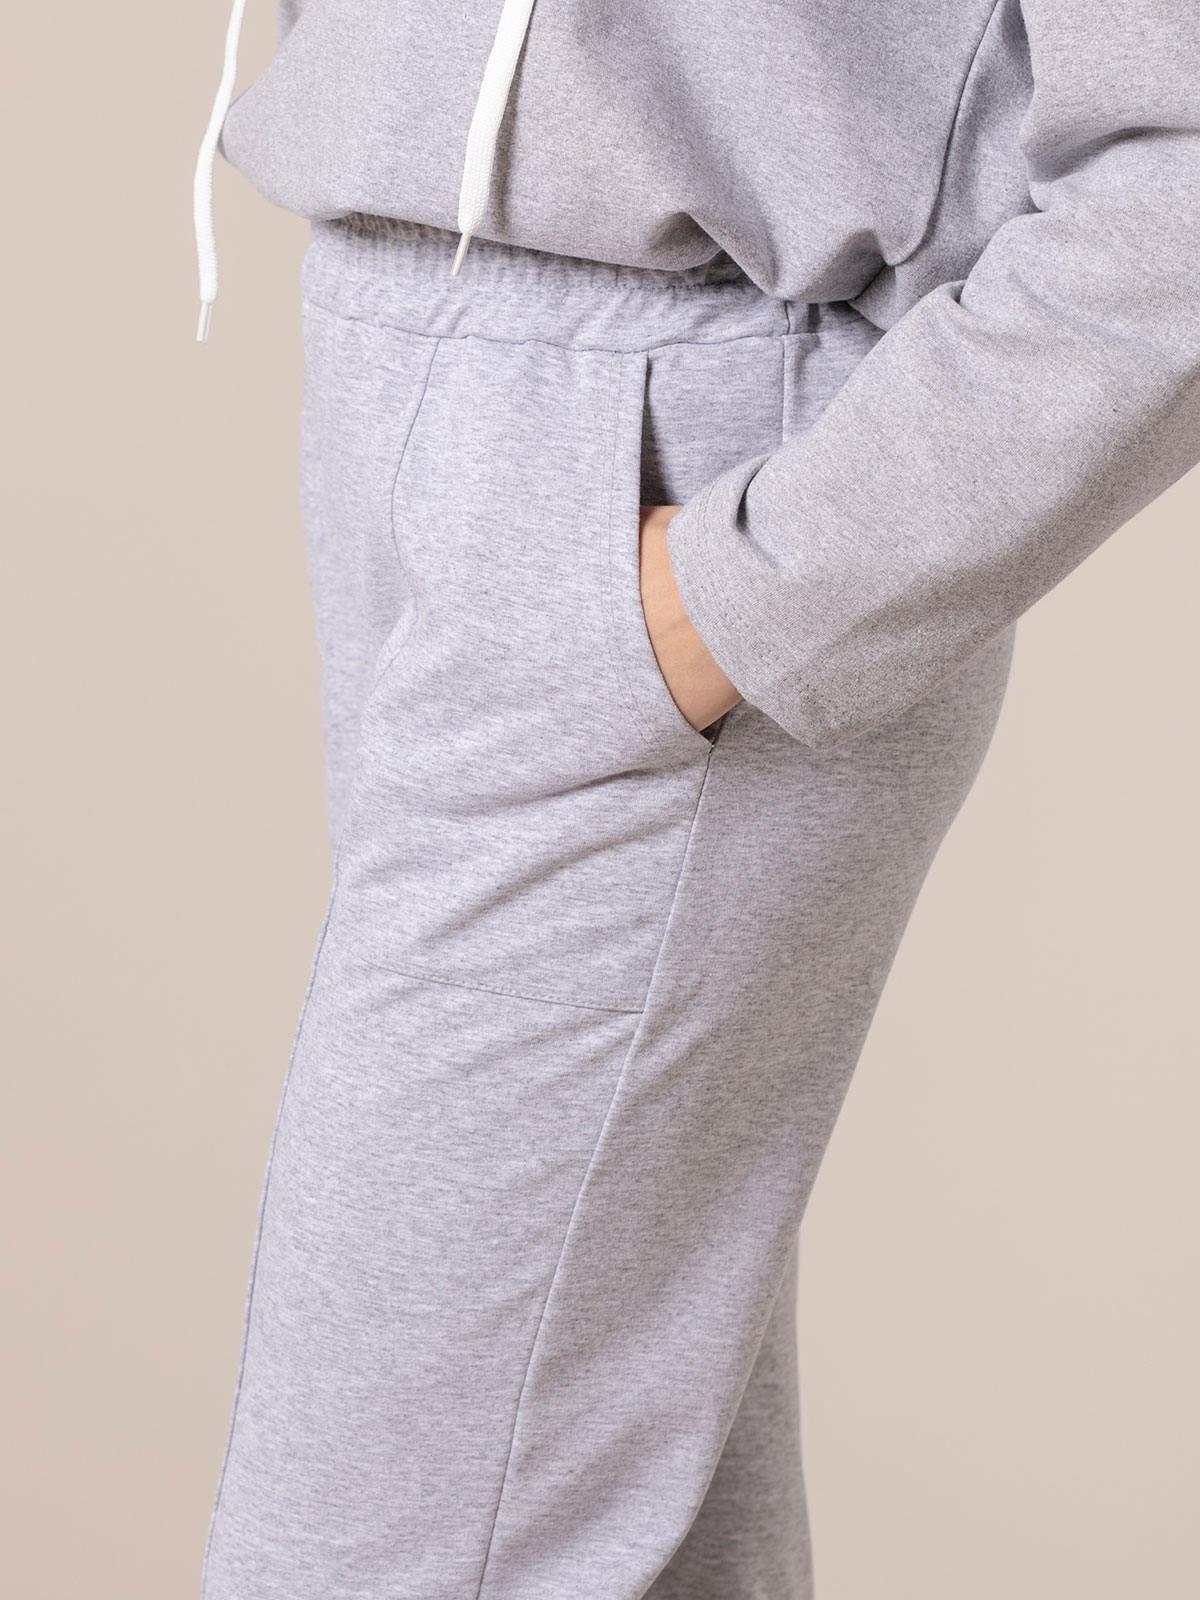 Pantalón mujer sport linea athleisure Gris